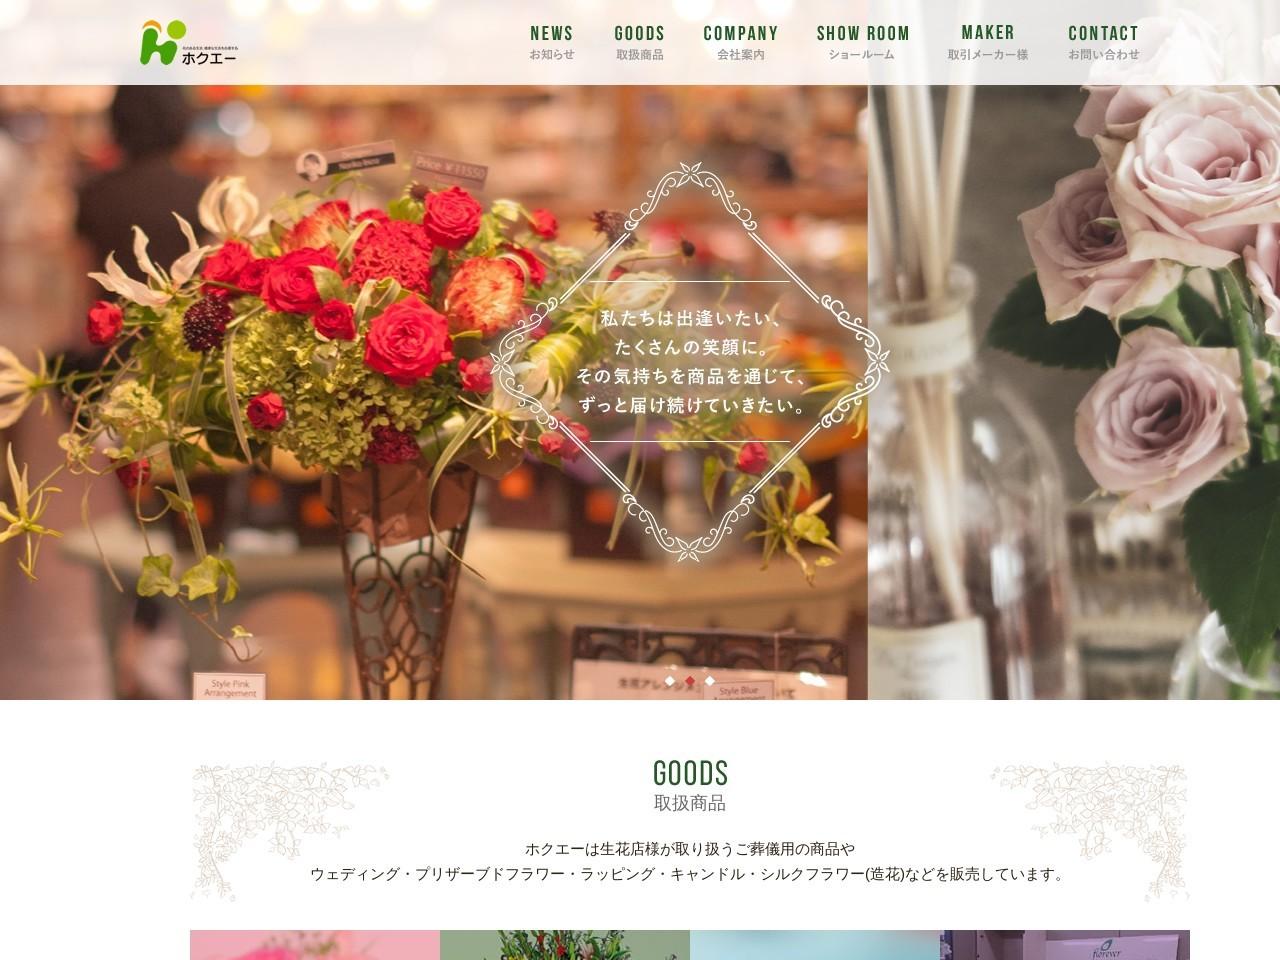 | ホクエーはウェディング・ご葬儀用の商品『プリザーブドフラワー』・『キャンドル』・『シルクフラワー』などを生花店に卸販売している会社です。 |